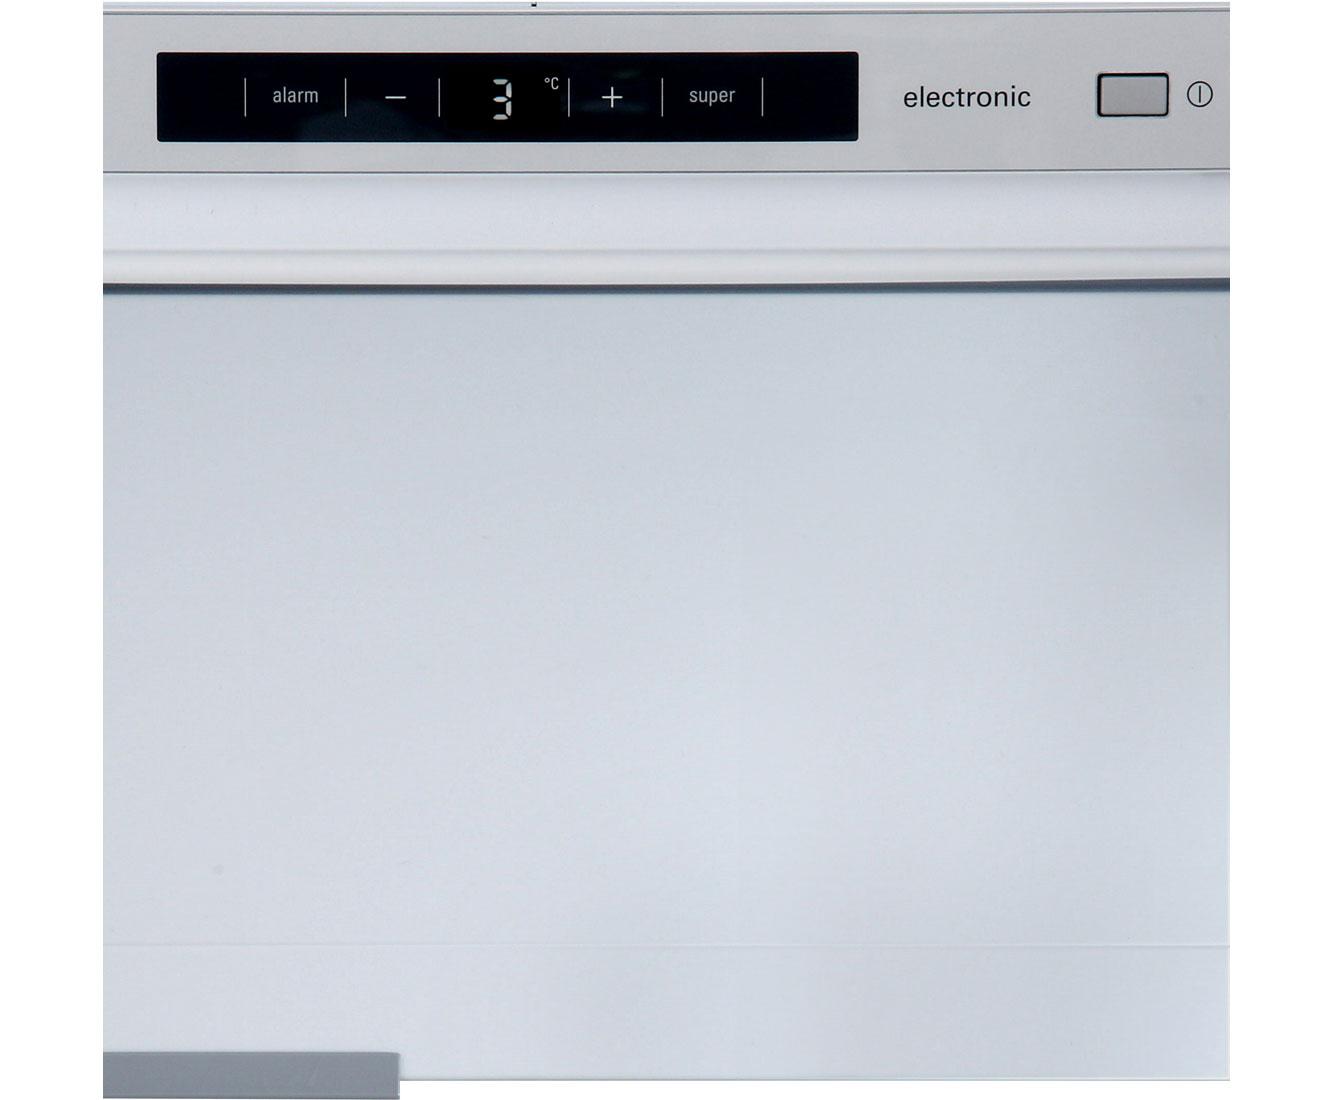 Siemens Kühlschrank Zu Laut : Siemens kühlschrank ventilator laut siemens ki fad einbau